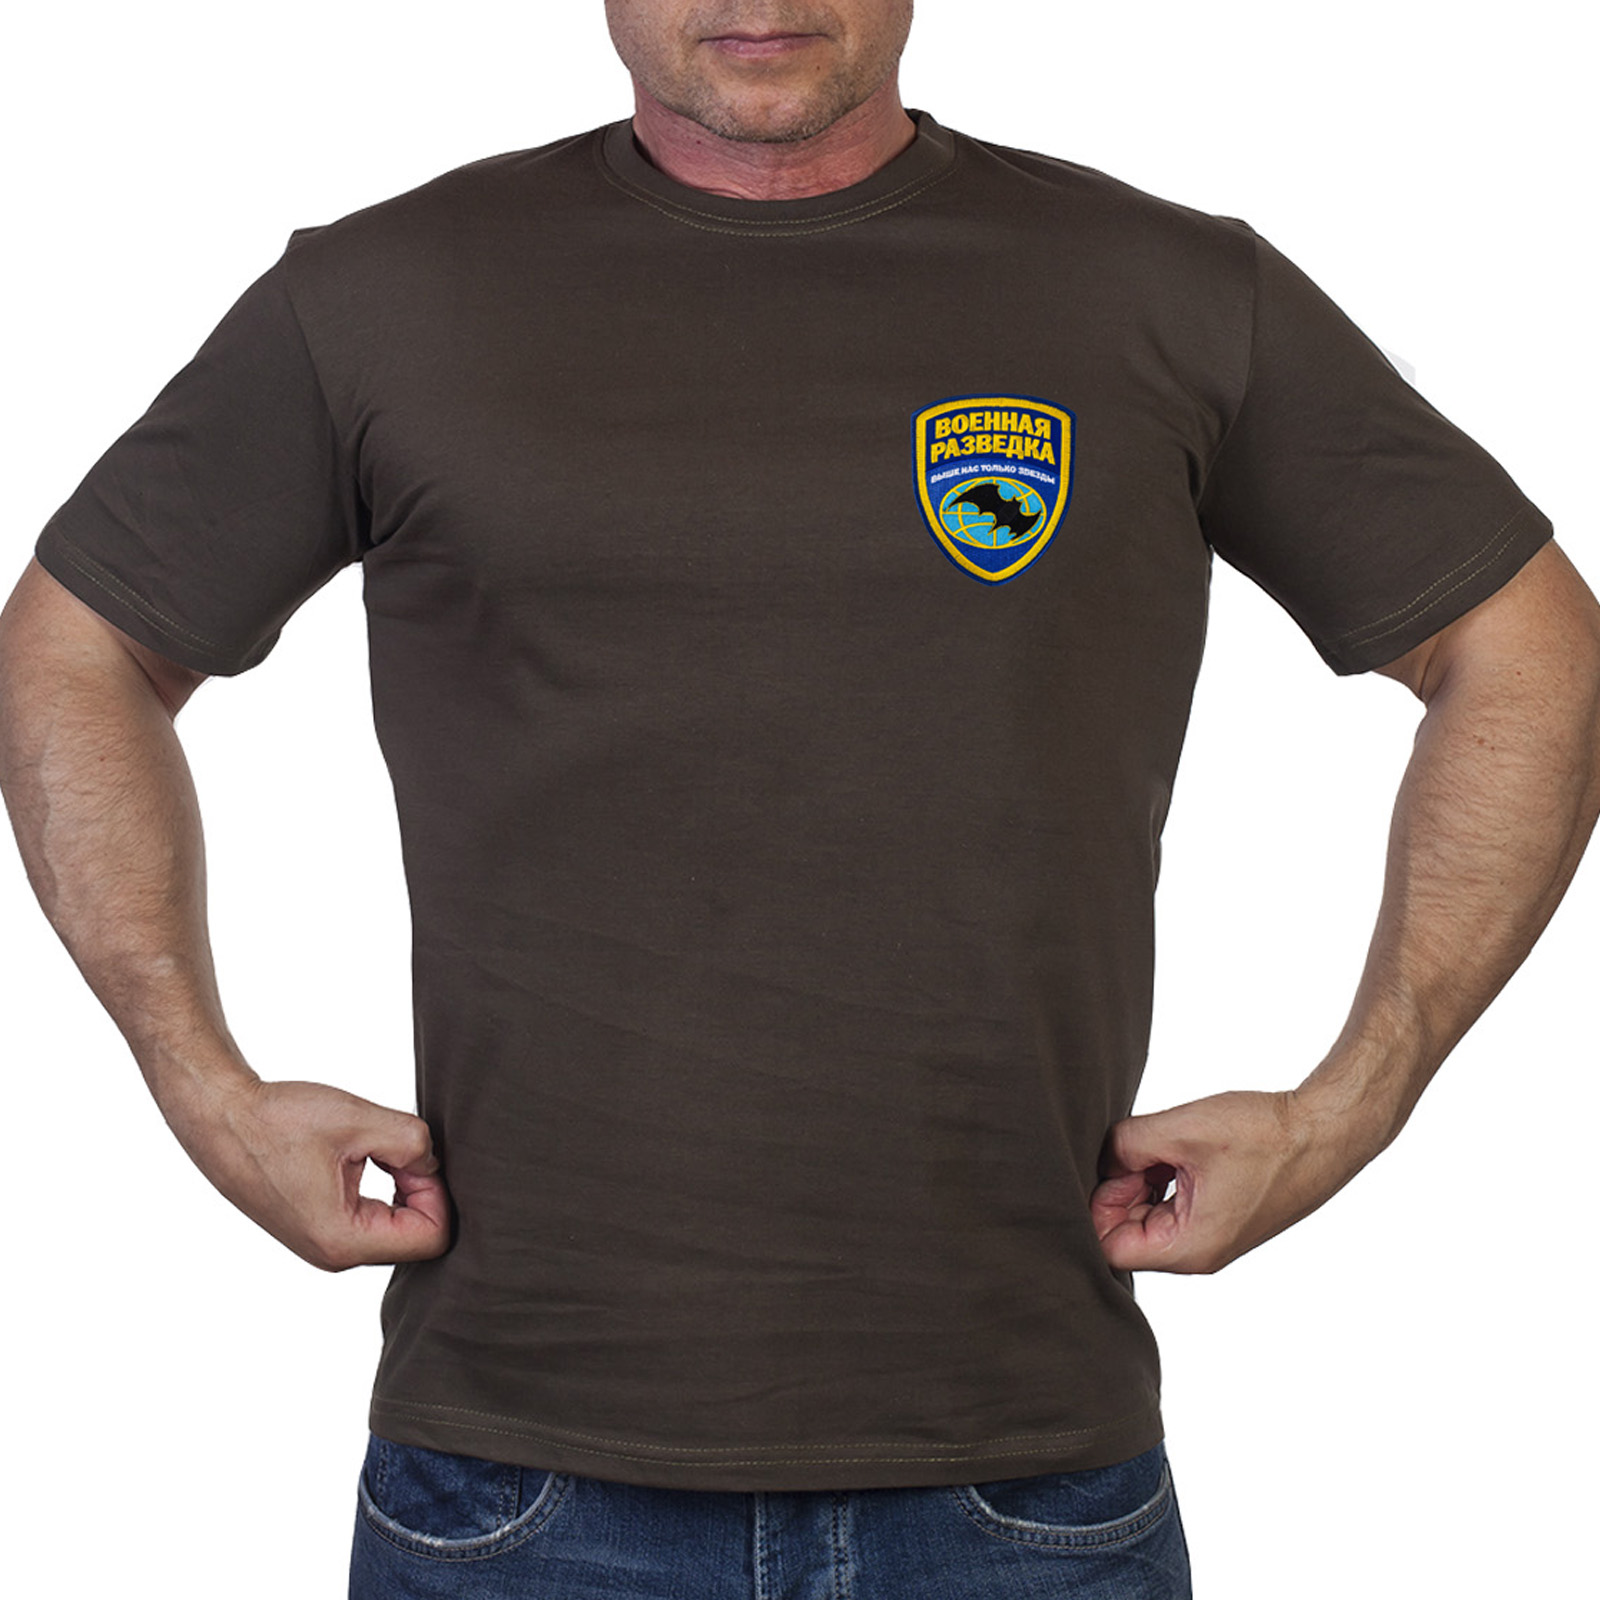 Милитари футболка с вышивкой Военной разведки